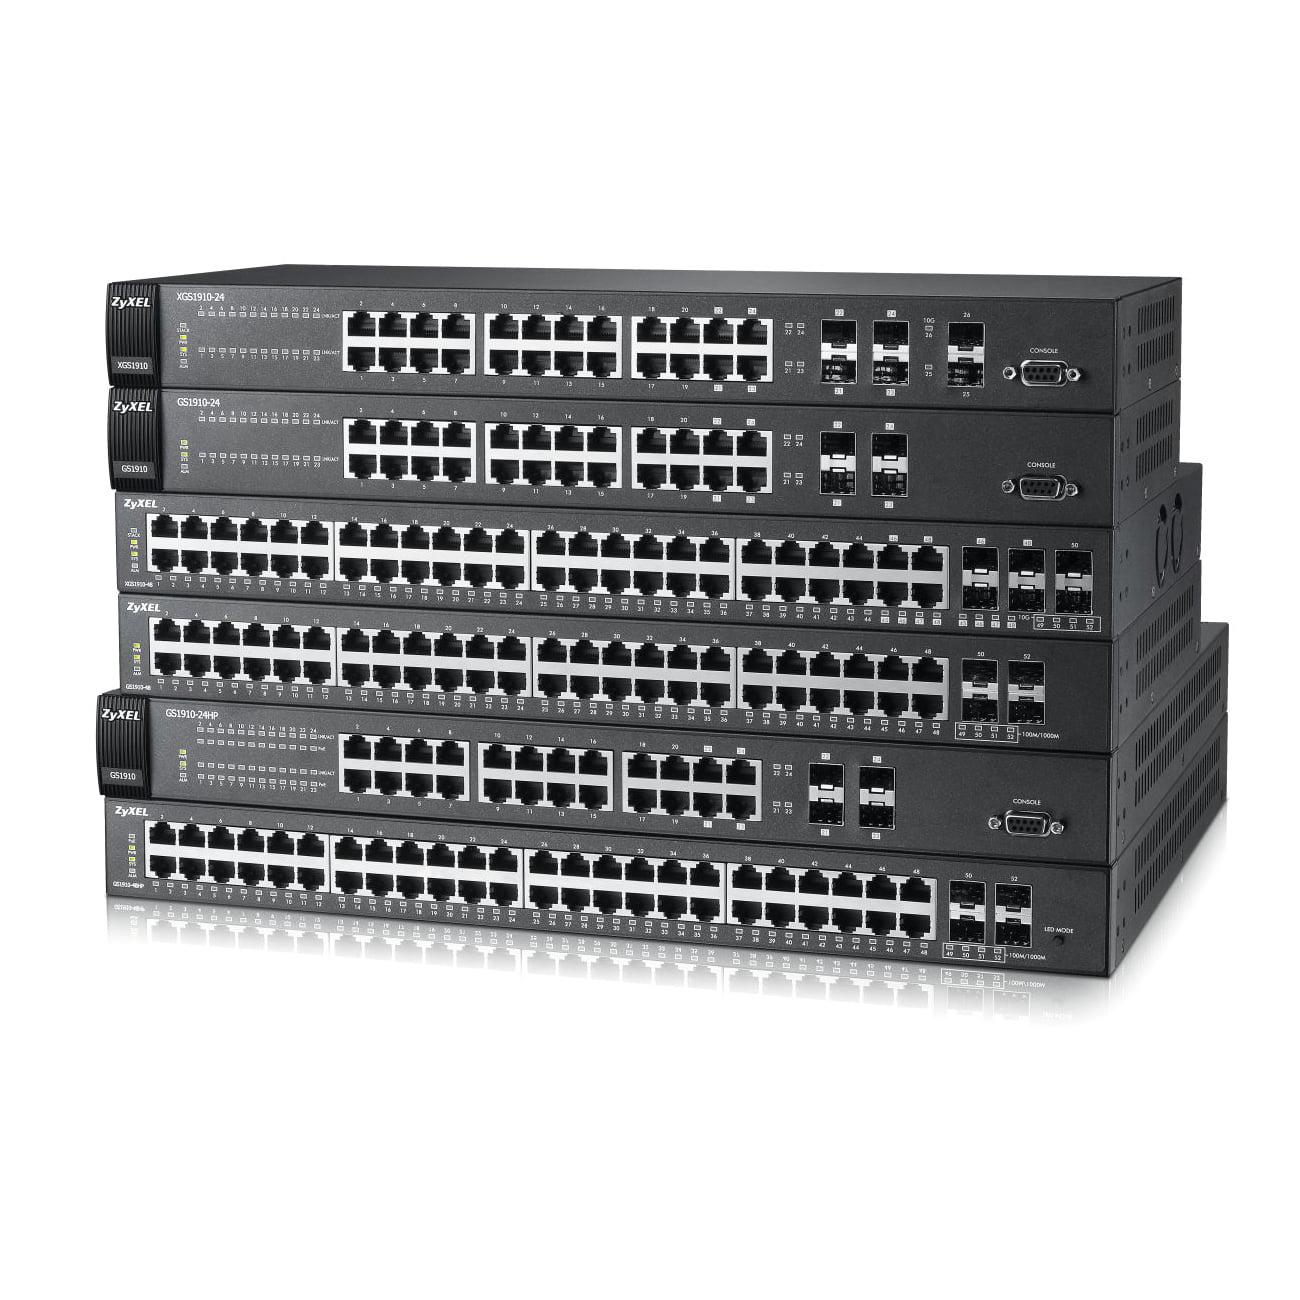 Zyxel Communications XGS1910-24 Xgs1910-24 24-port Gbe by ZyXEL